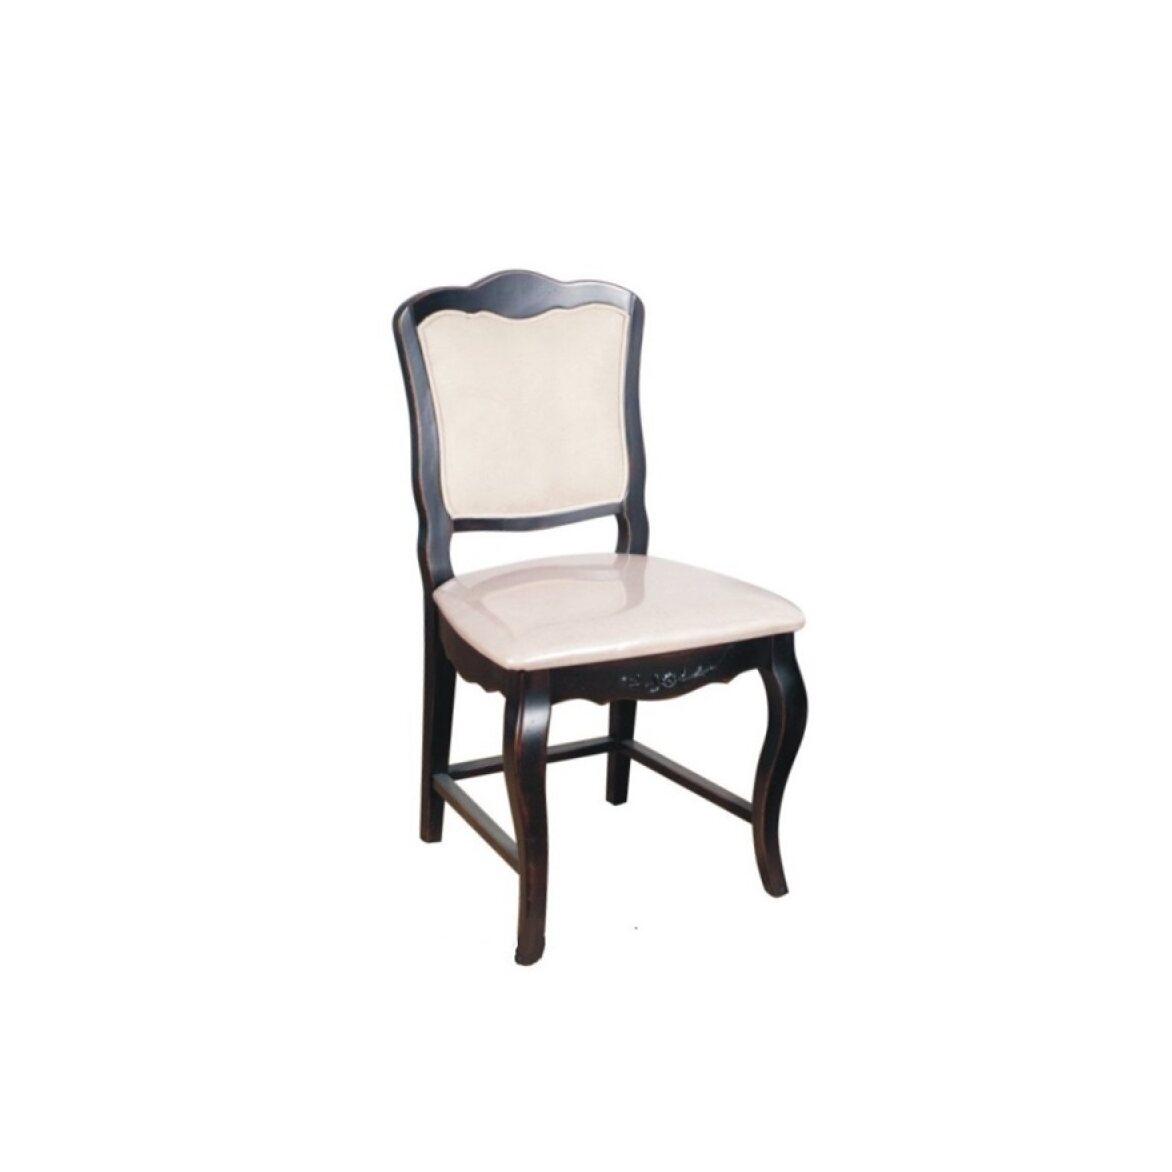 Стул с мягким сиденьем Leontina, черного цвета | Обеденные стулья Kingsby